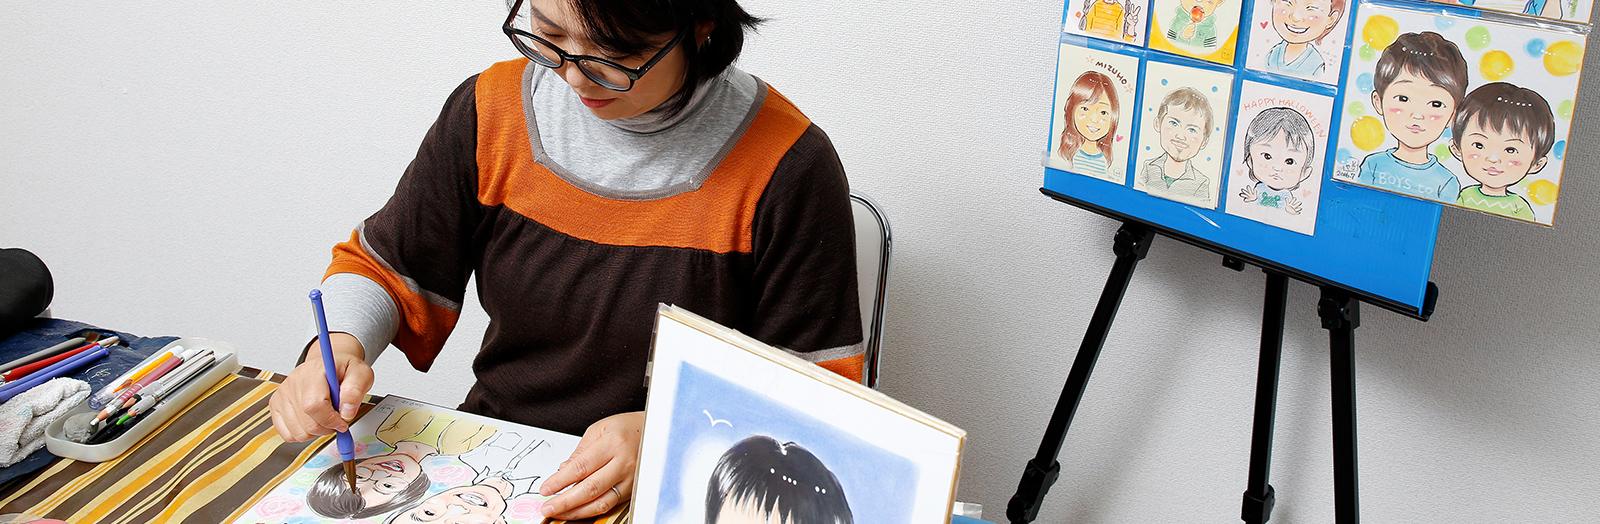 Blog似顔絵ブログ